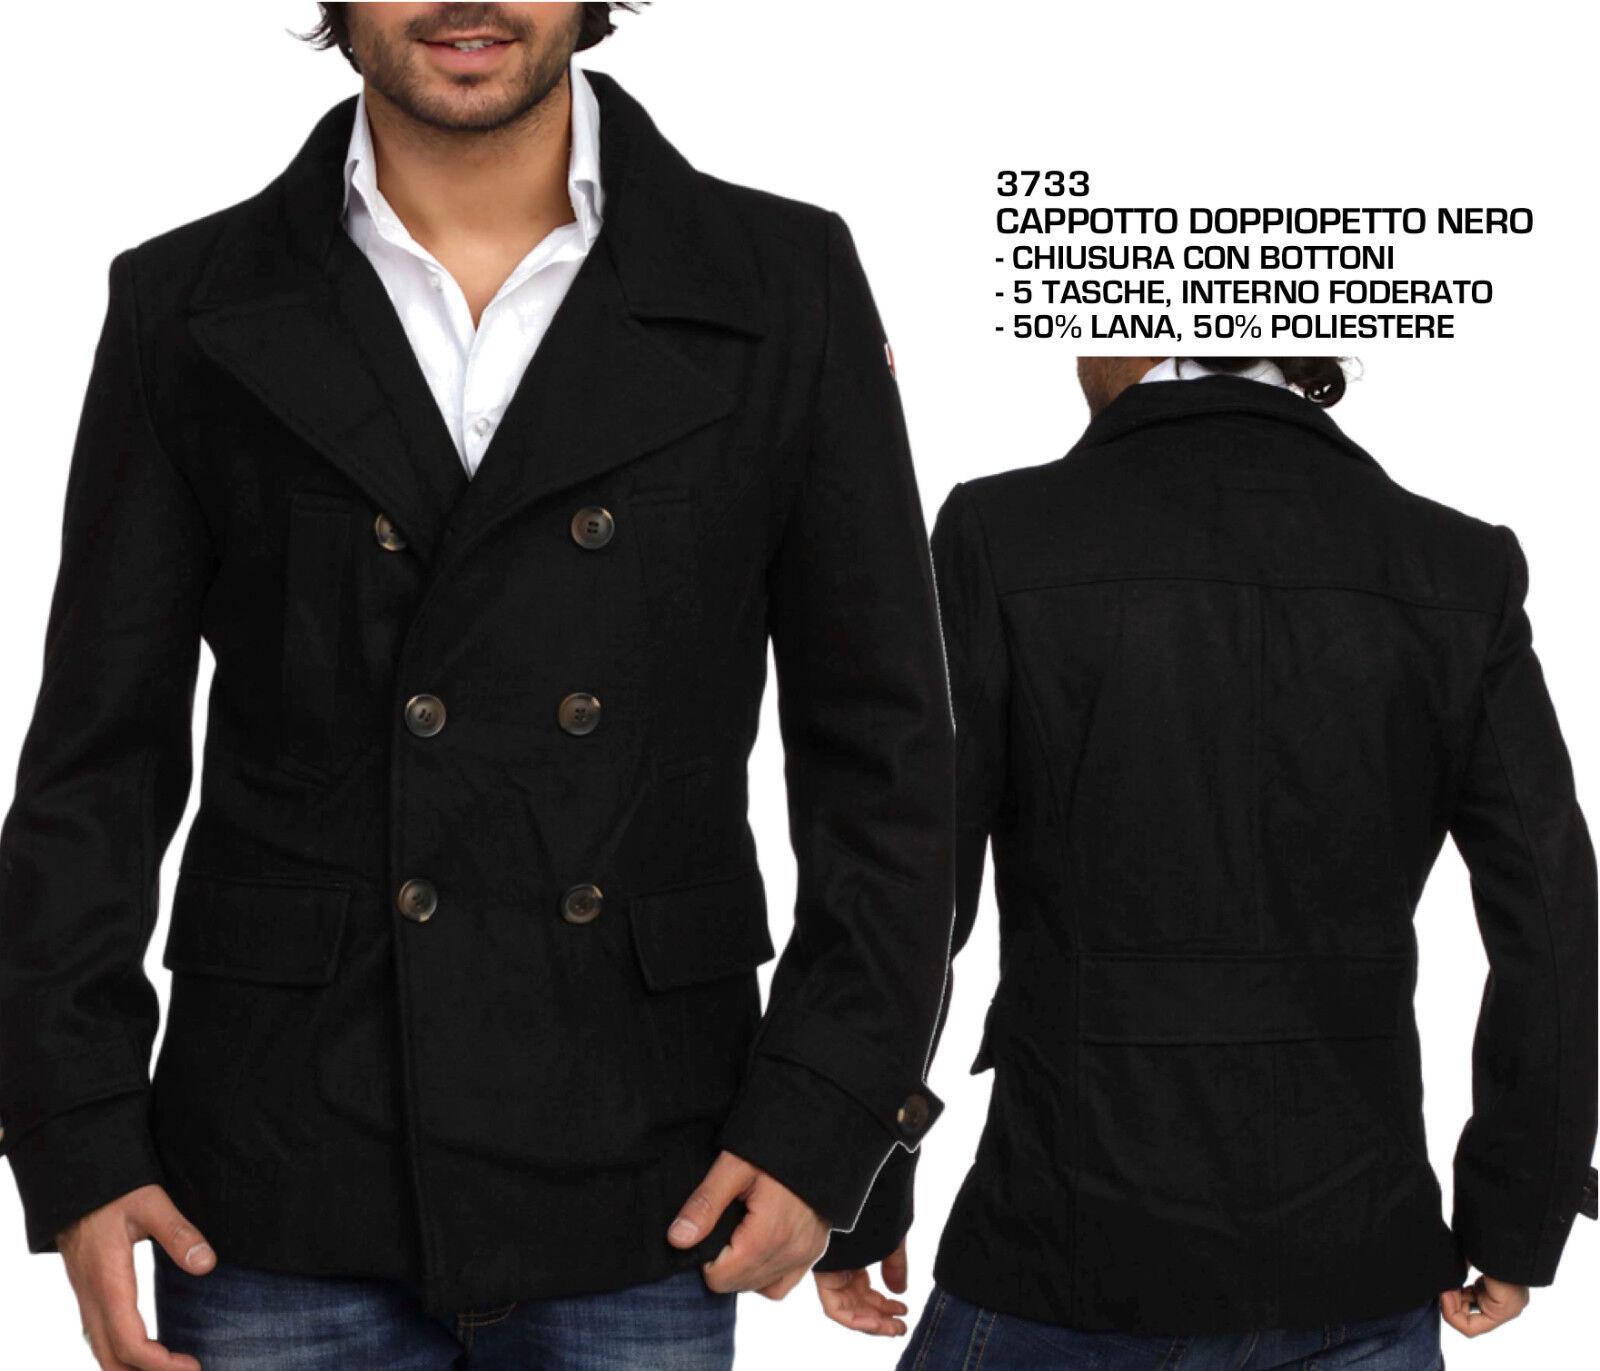 Cappotto da Uomo Invernale Giacca Giaccone Elegante Casual Moda Fashion Inverno